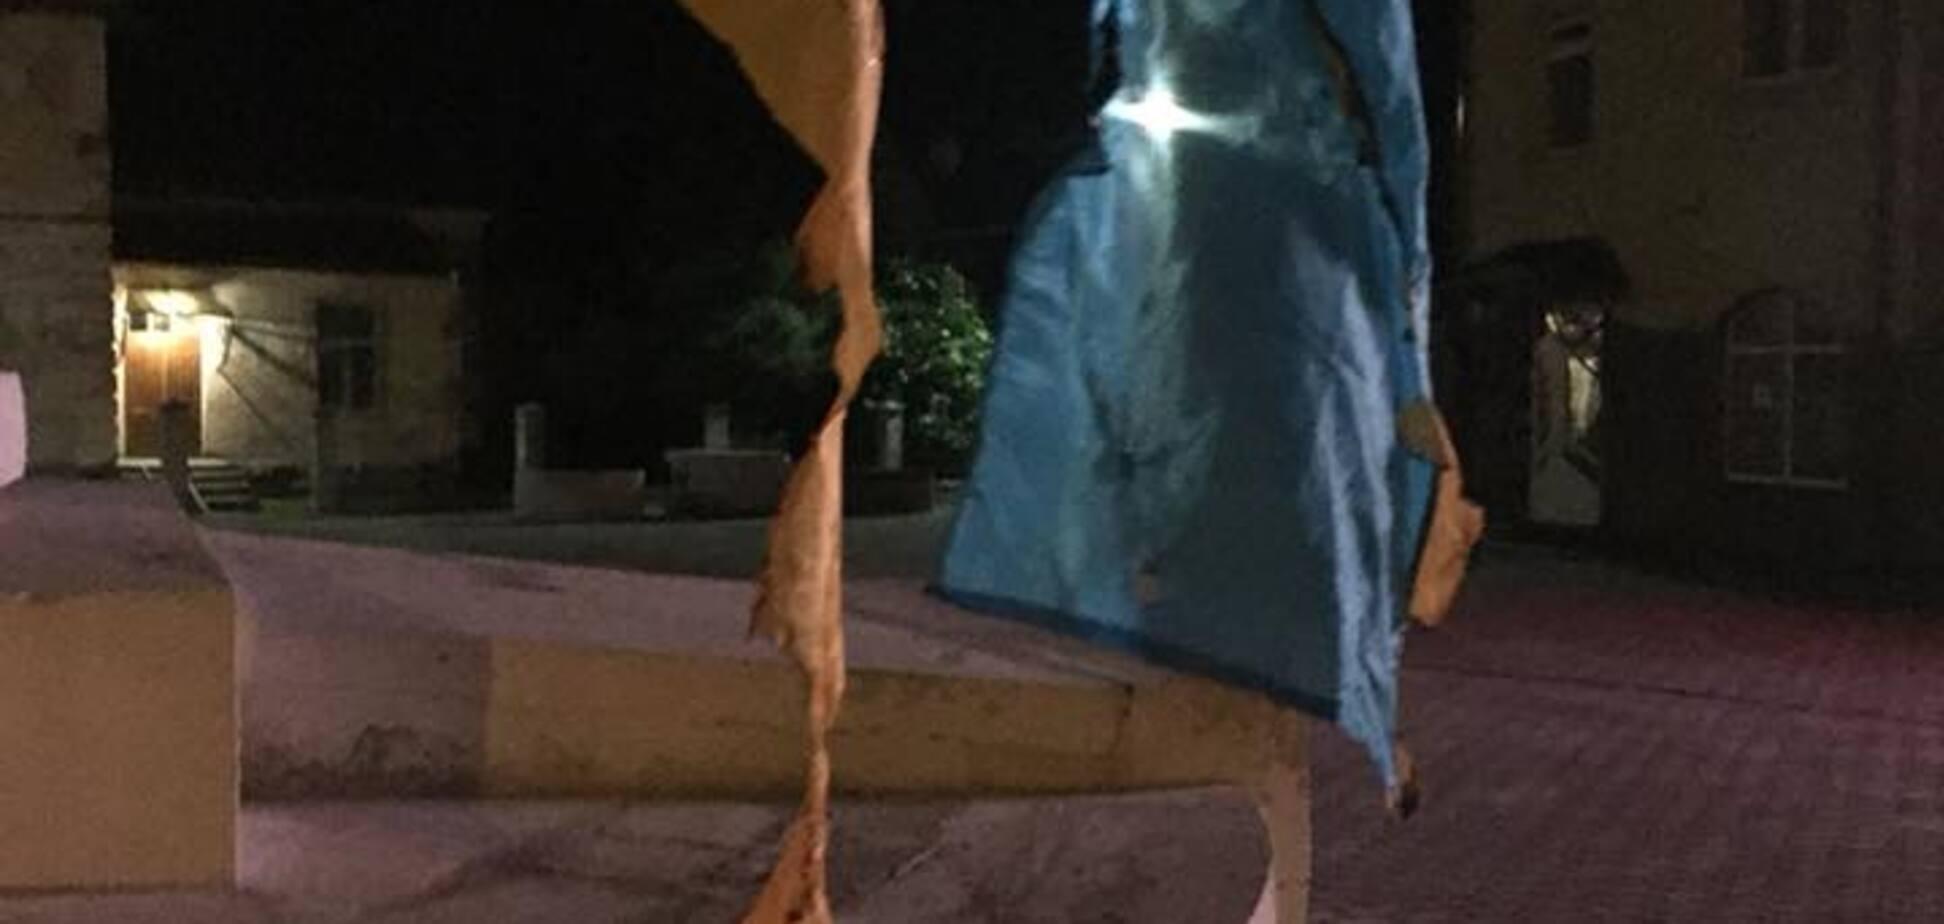 'Хочу жити в Росії': на Львівщині чоловік спалив прапори України